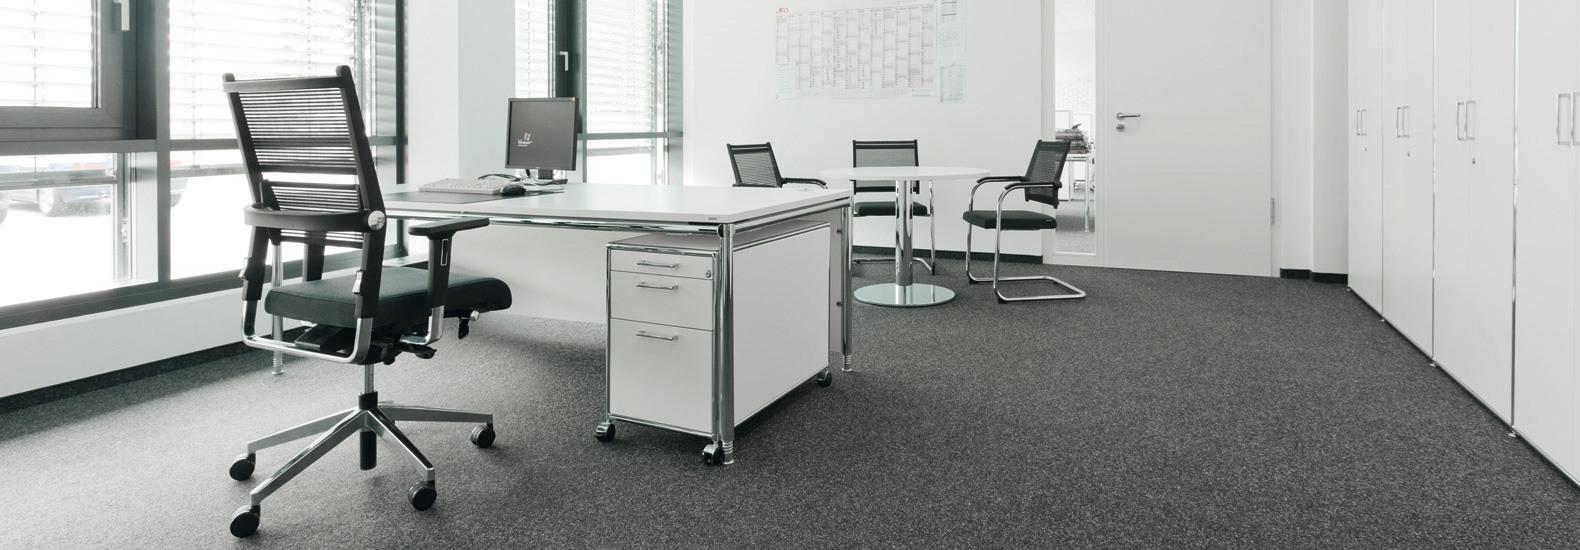 Kaufen Sie Dauphin Lordo bei office + objekt 42. Dauphin bietet Lösungen für jeden Arbeitsplatz und jede Organisationsform - mit  flexiblen, individuell gestaltbaren Zonen